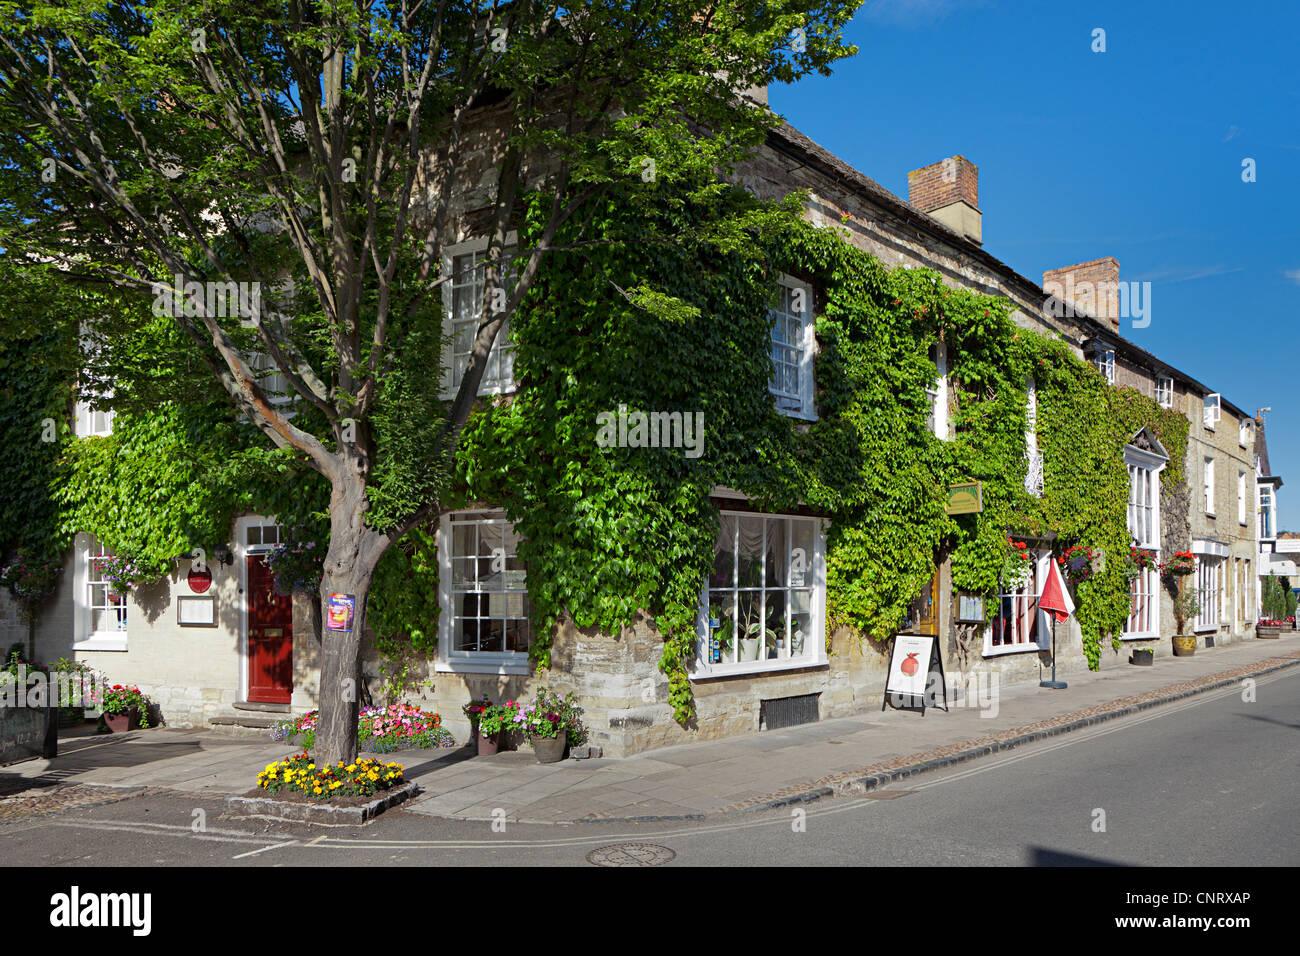 Tienda y salas de té Brothertons con Virginia reductor, Woodstock, Oxfordshire, REINO UNIDO Imagen De Stock